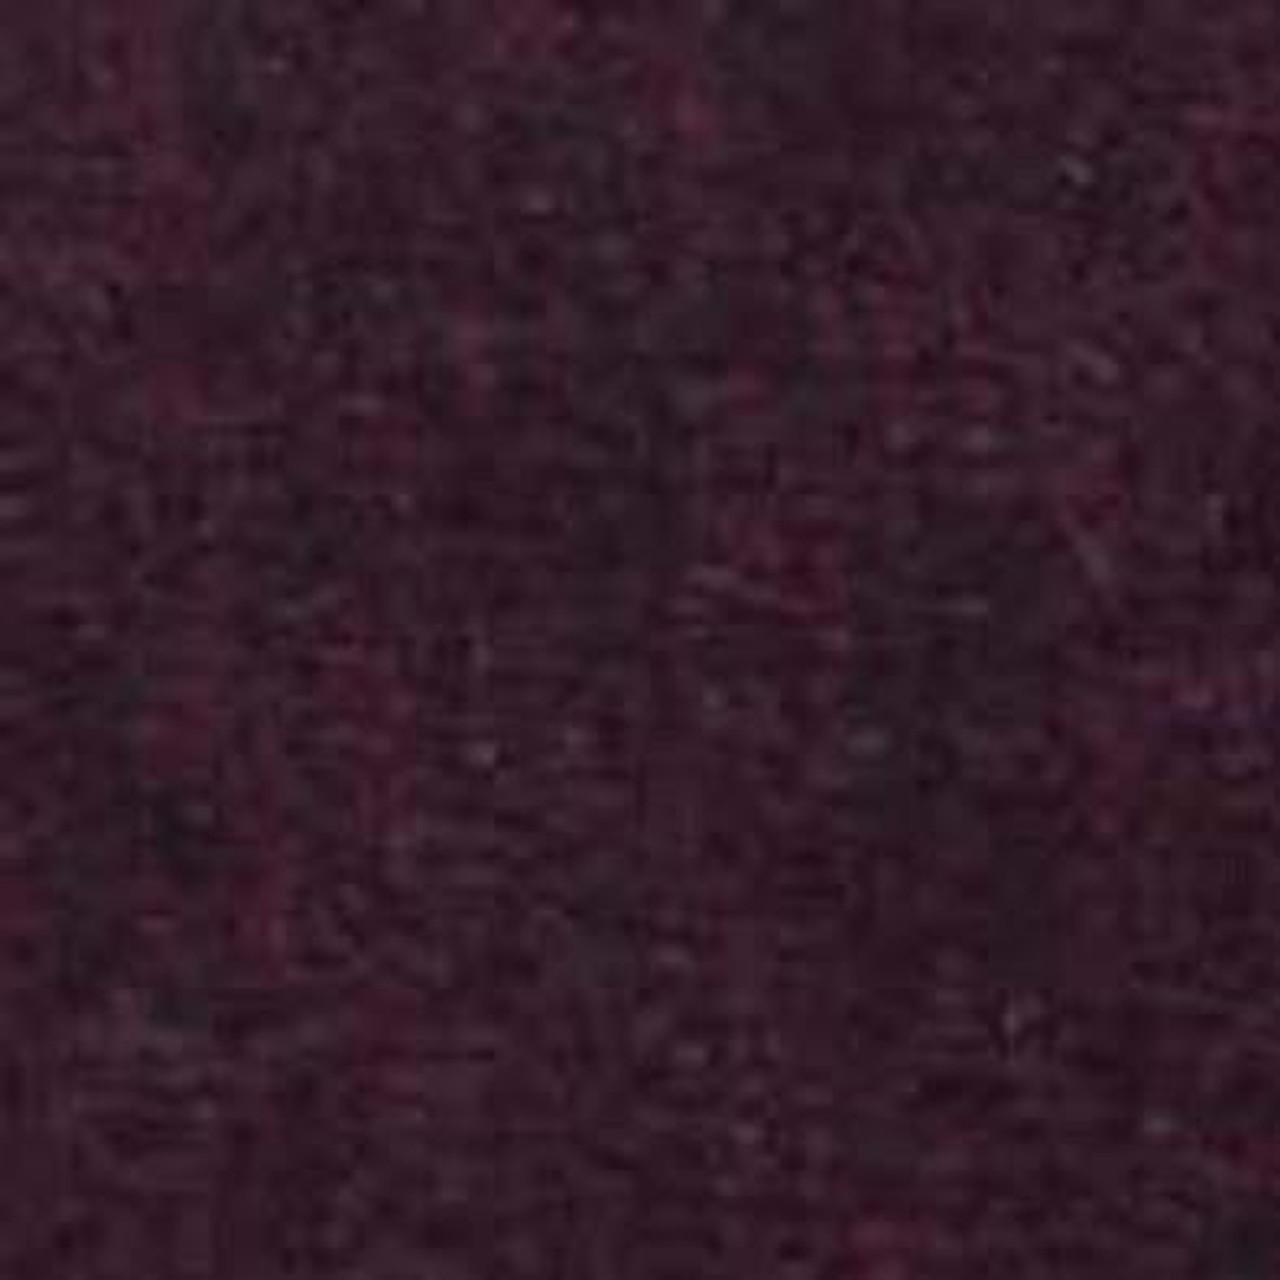 Swatch - Grape